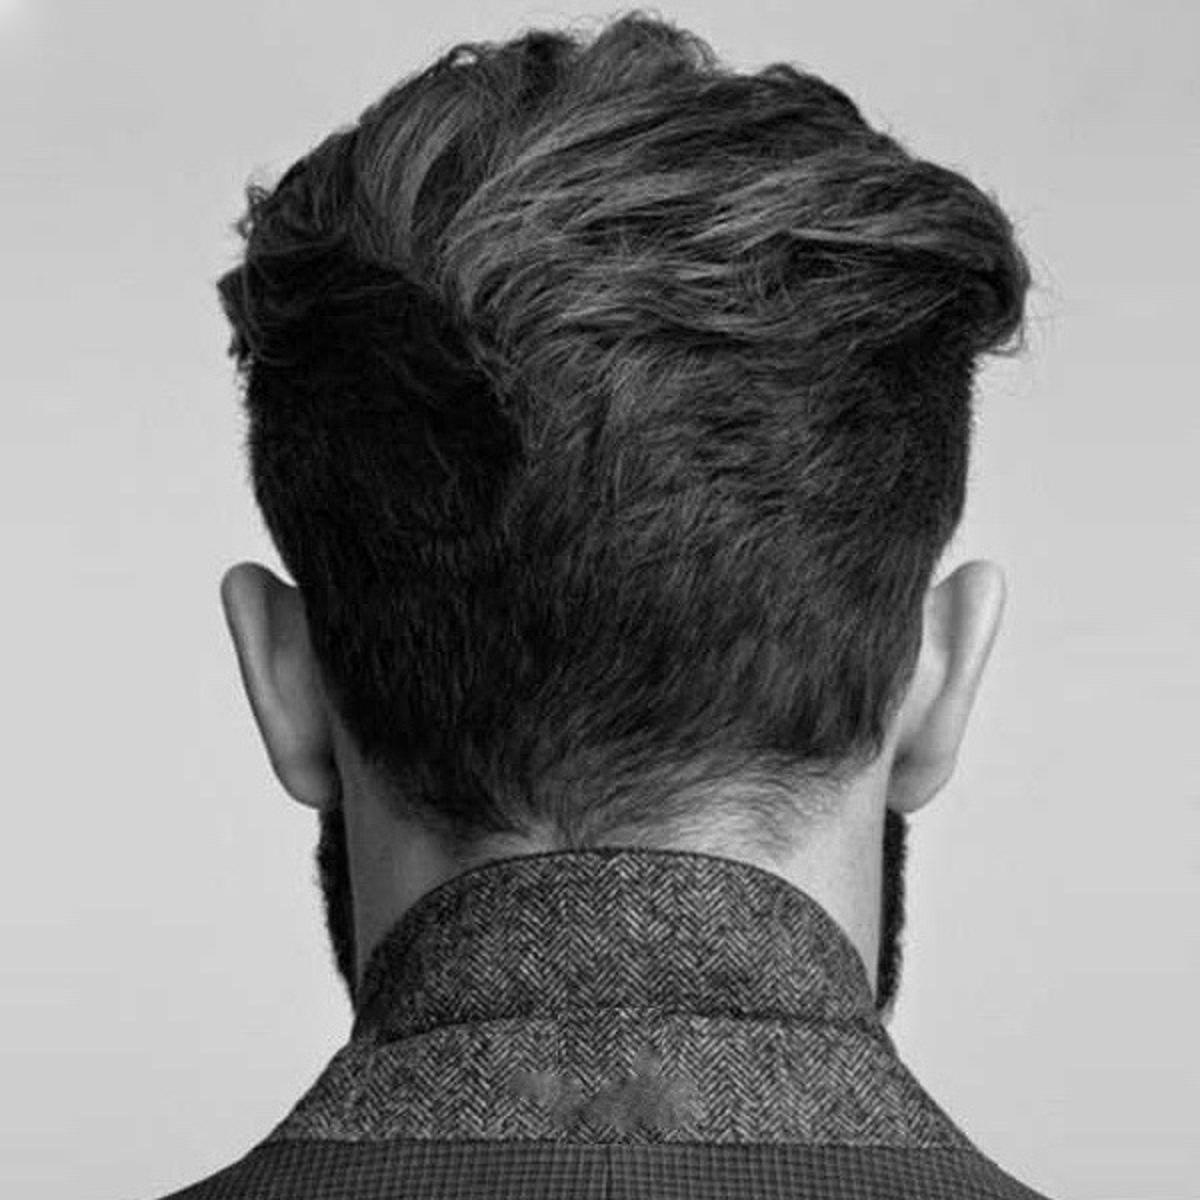 若々しくいるための『ヘアスタイリング』|ヘアワックス | ボリューム感を出しながら、動きも演出できる大人のヘアスタイリング